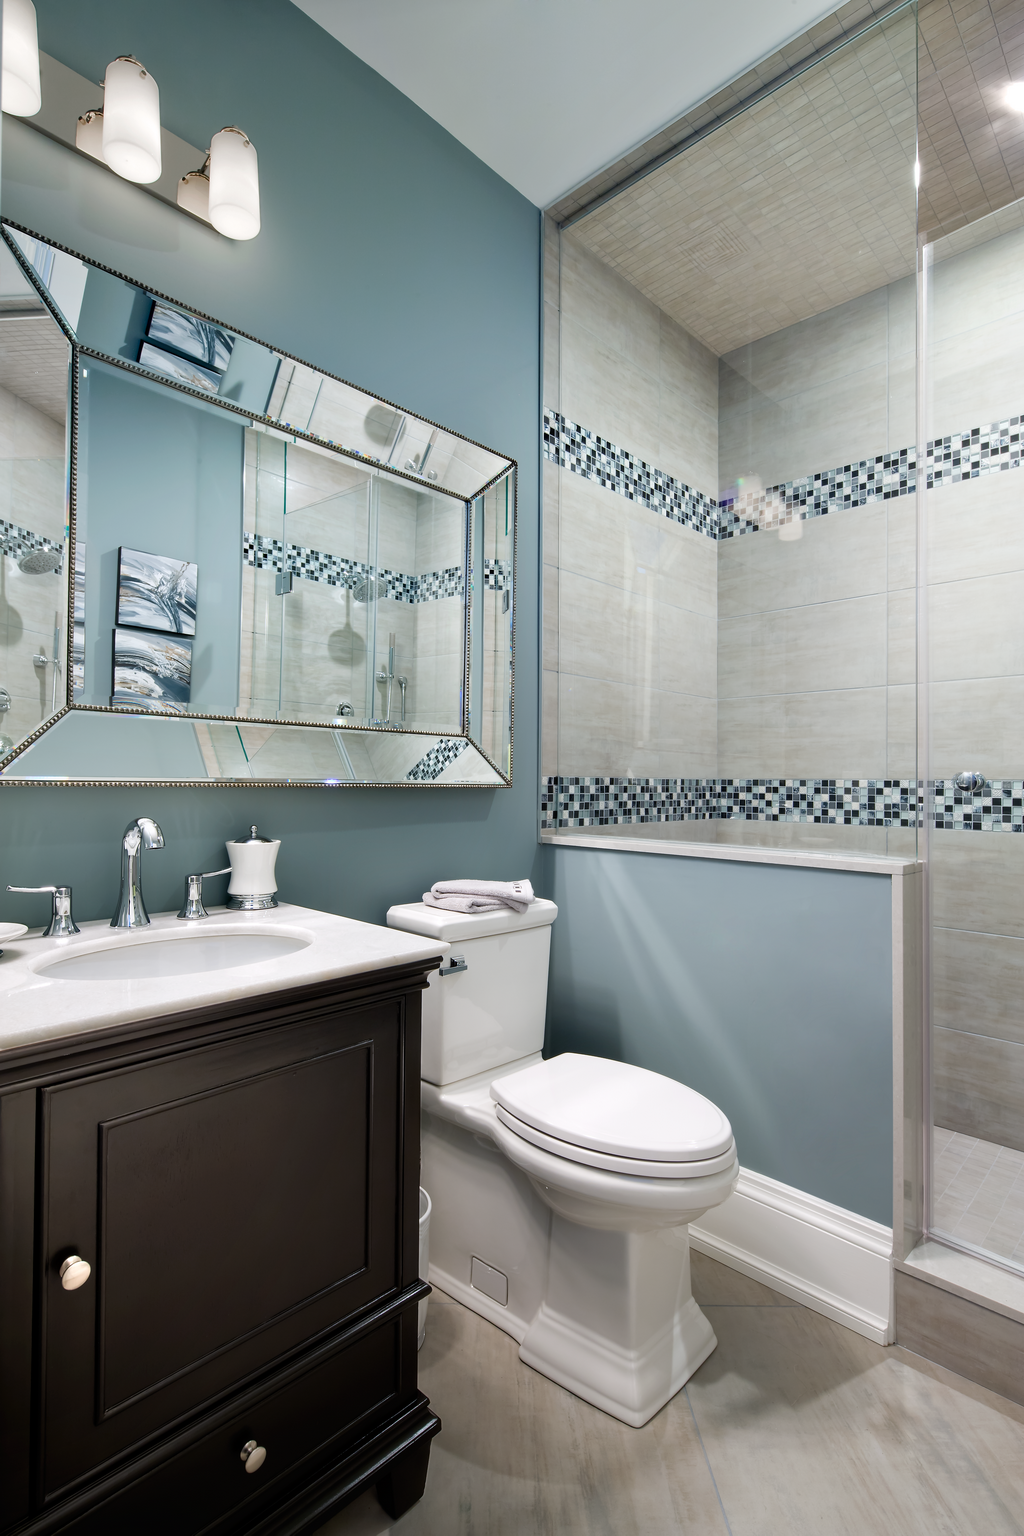 Bathroom ideas~ Color scheme and layout ideas.Decor | Bathroom ideas ...